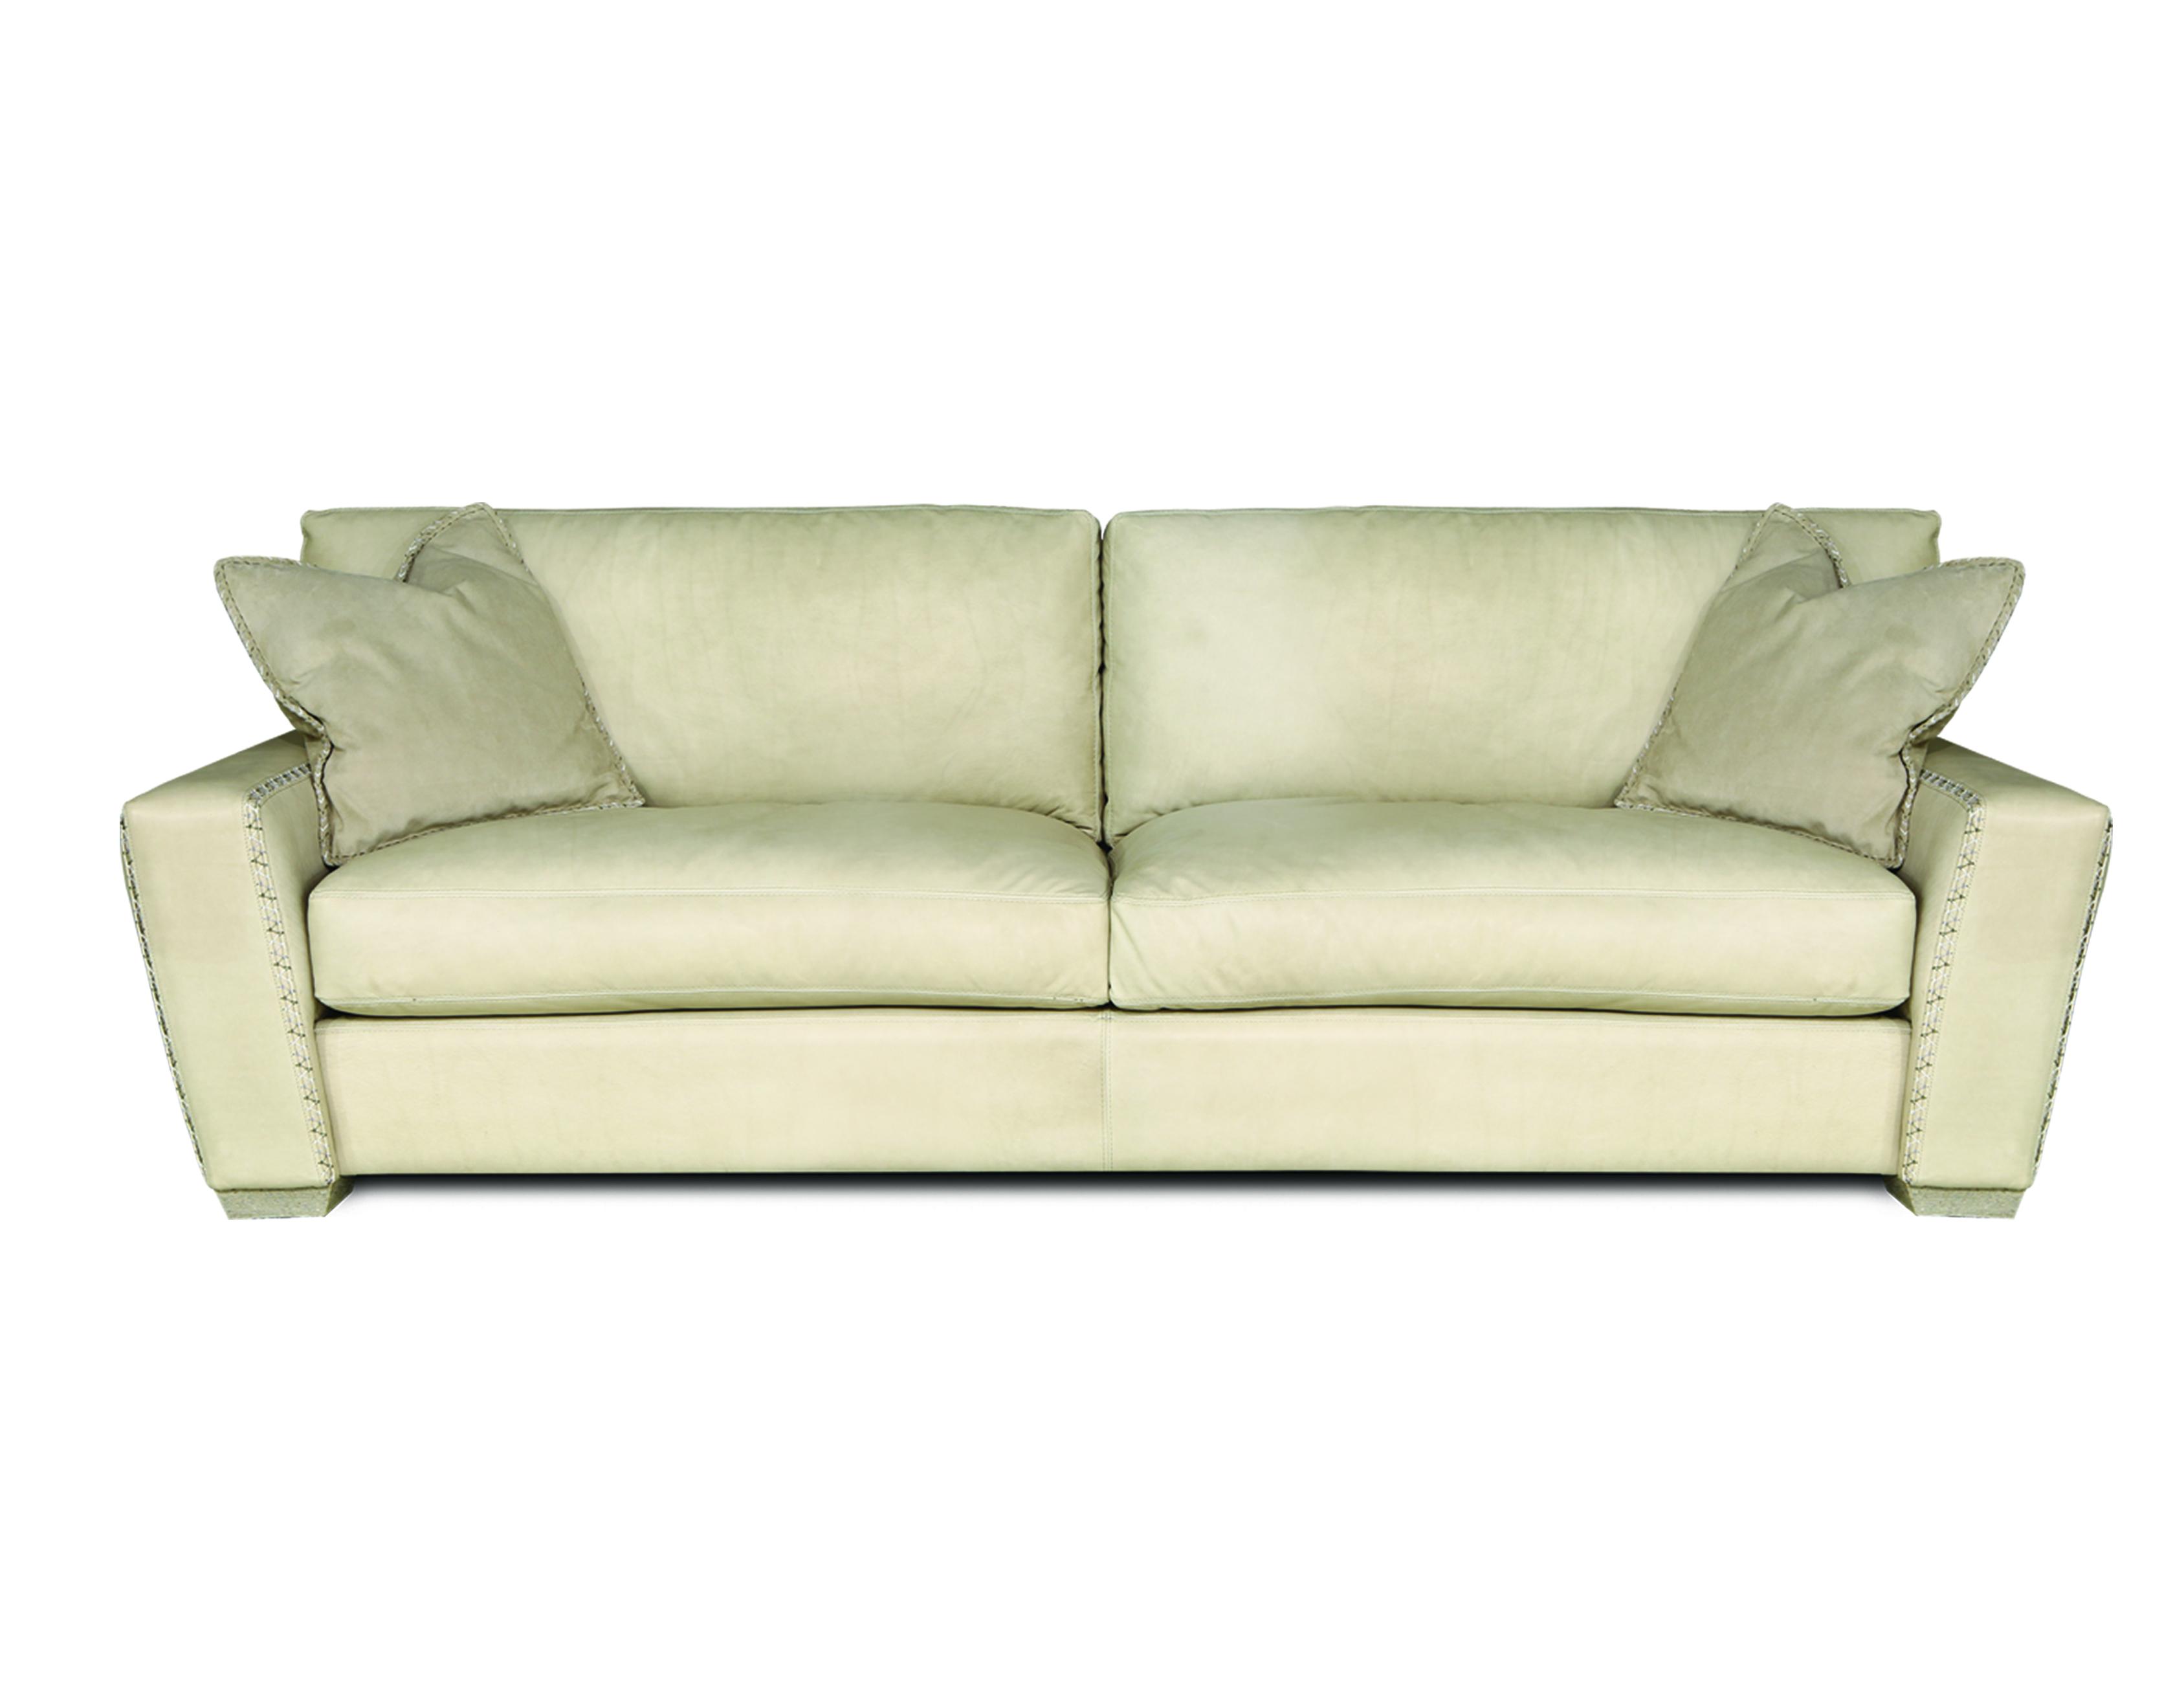 Eleanor Rigby Home City Cowboy sofa